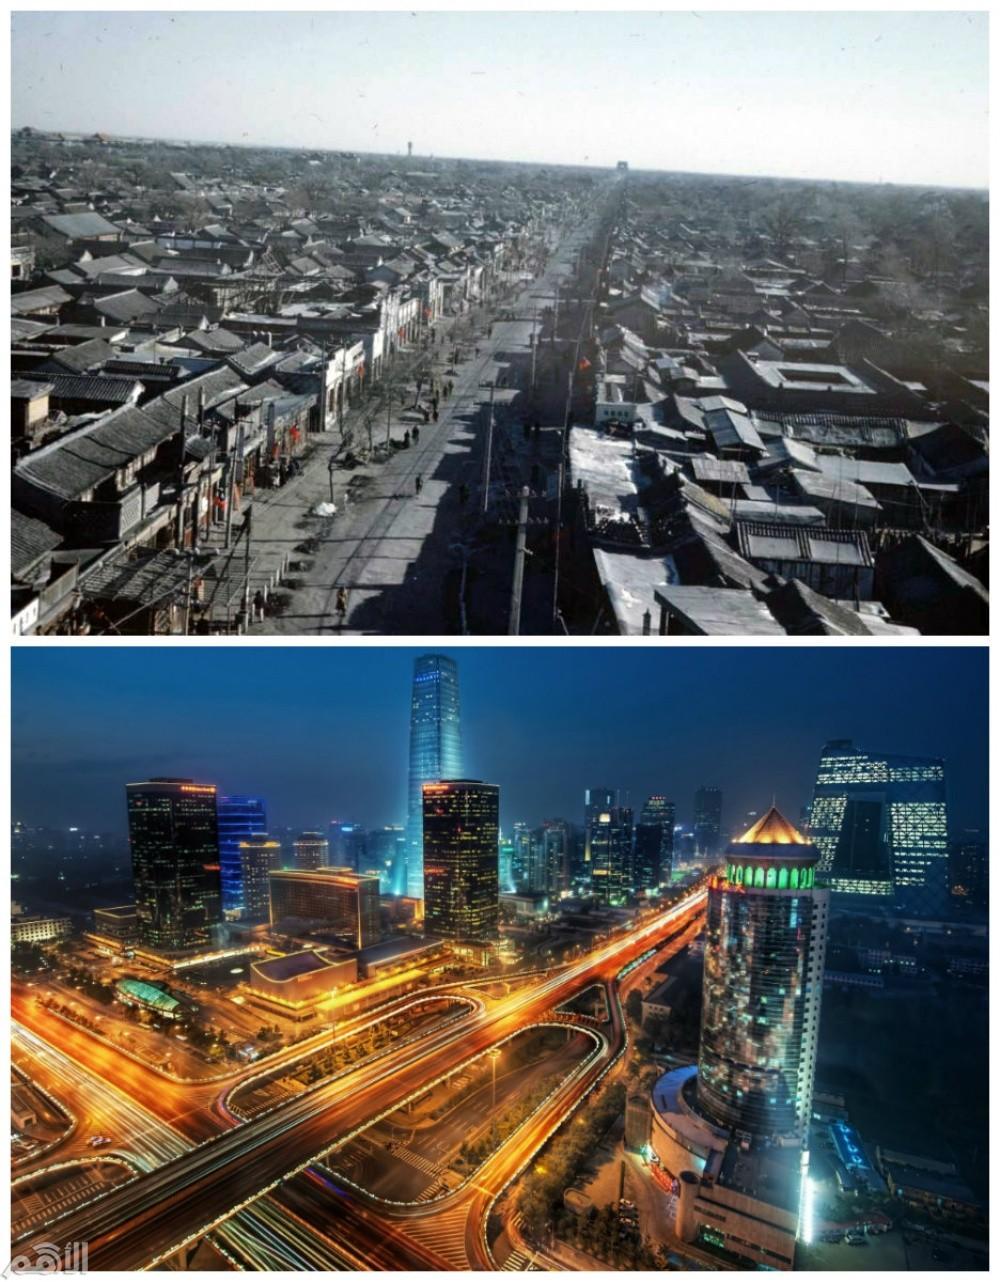 بكين , الصين في عام 1940 والآن